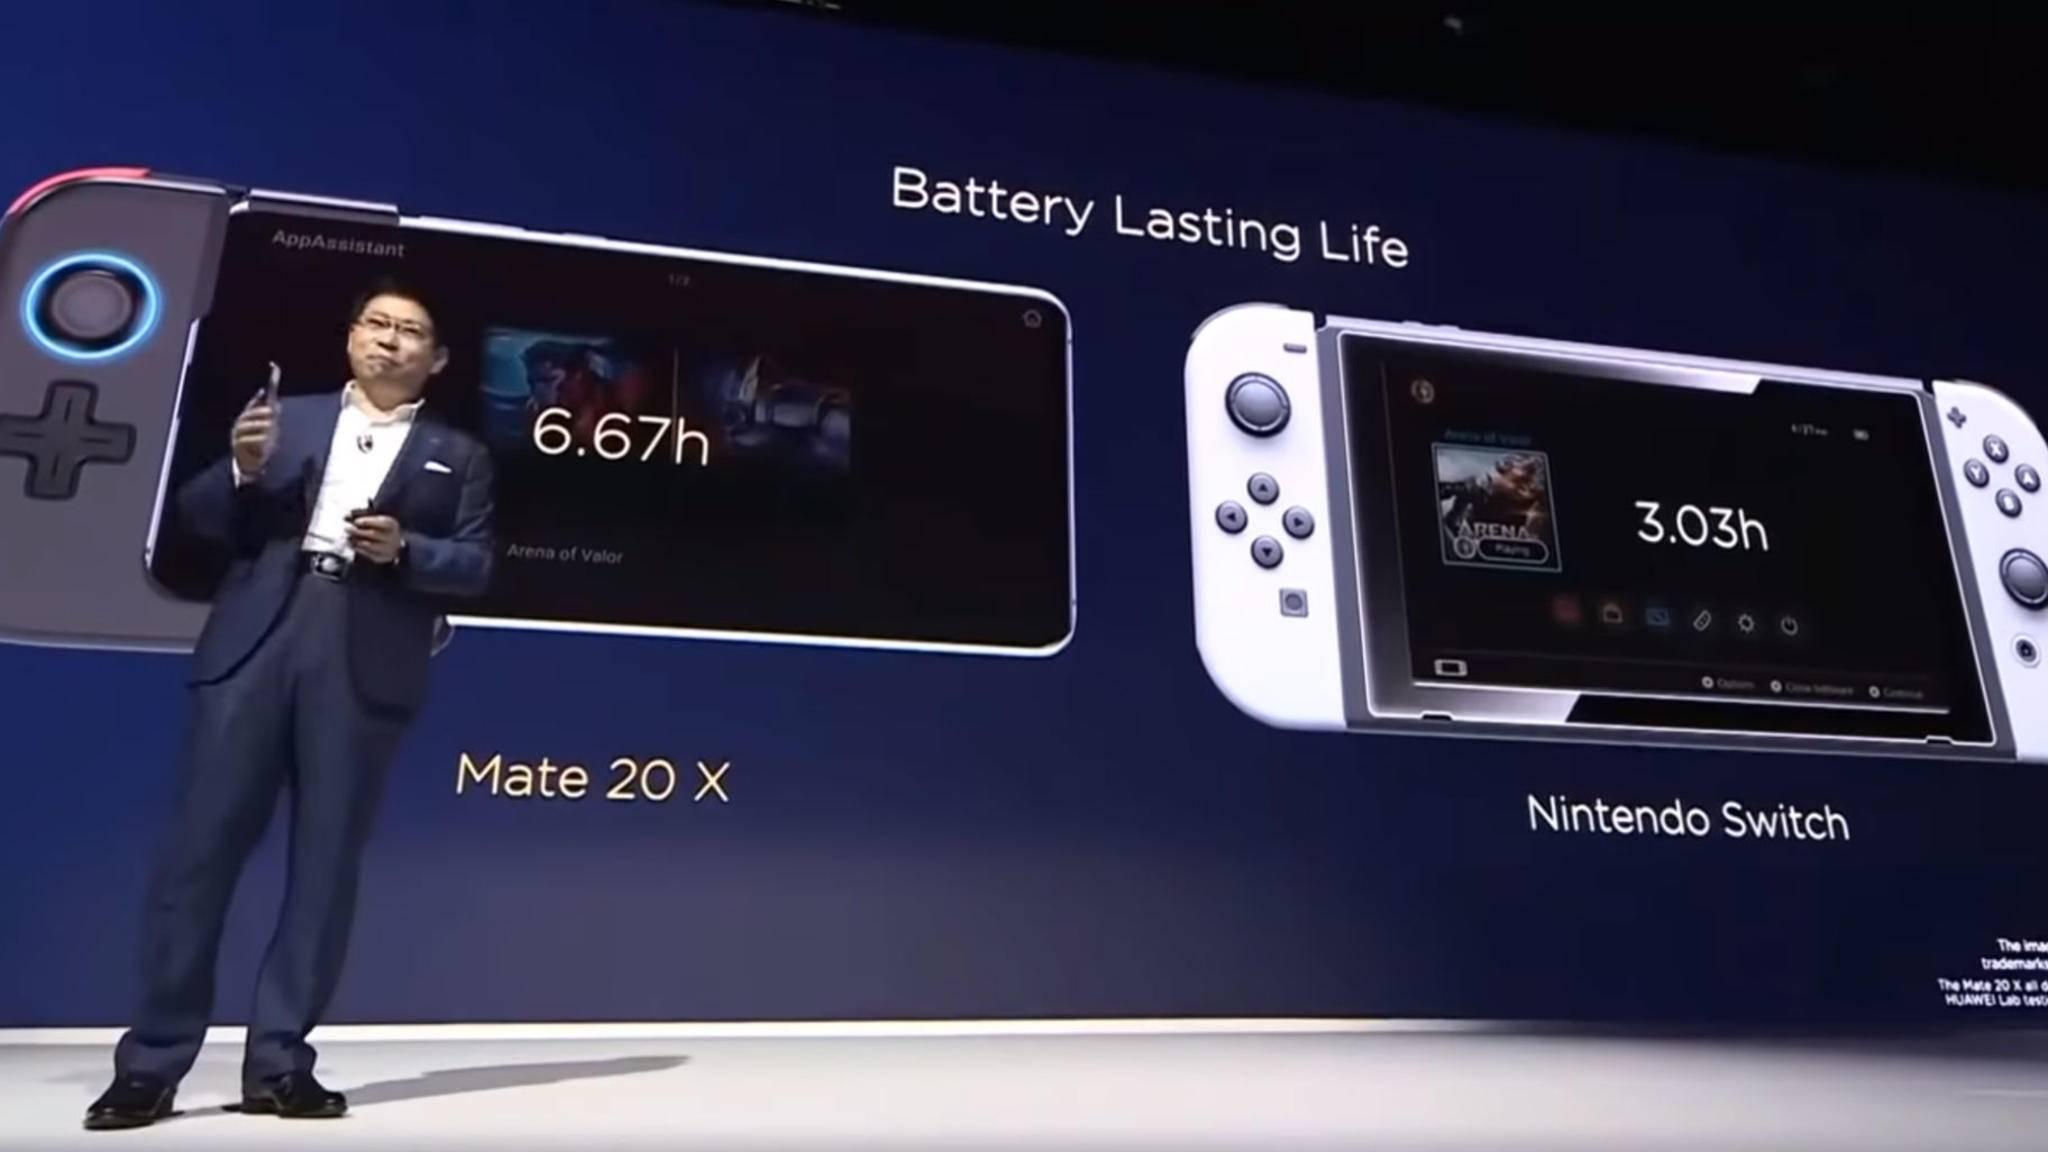 Ist das Huawei Mate 20 X wirklich besser als die Nintendo Switch?